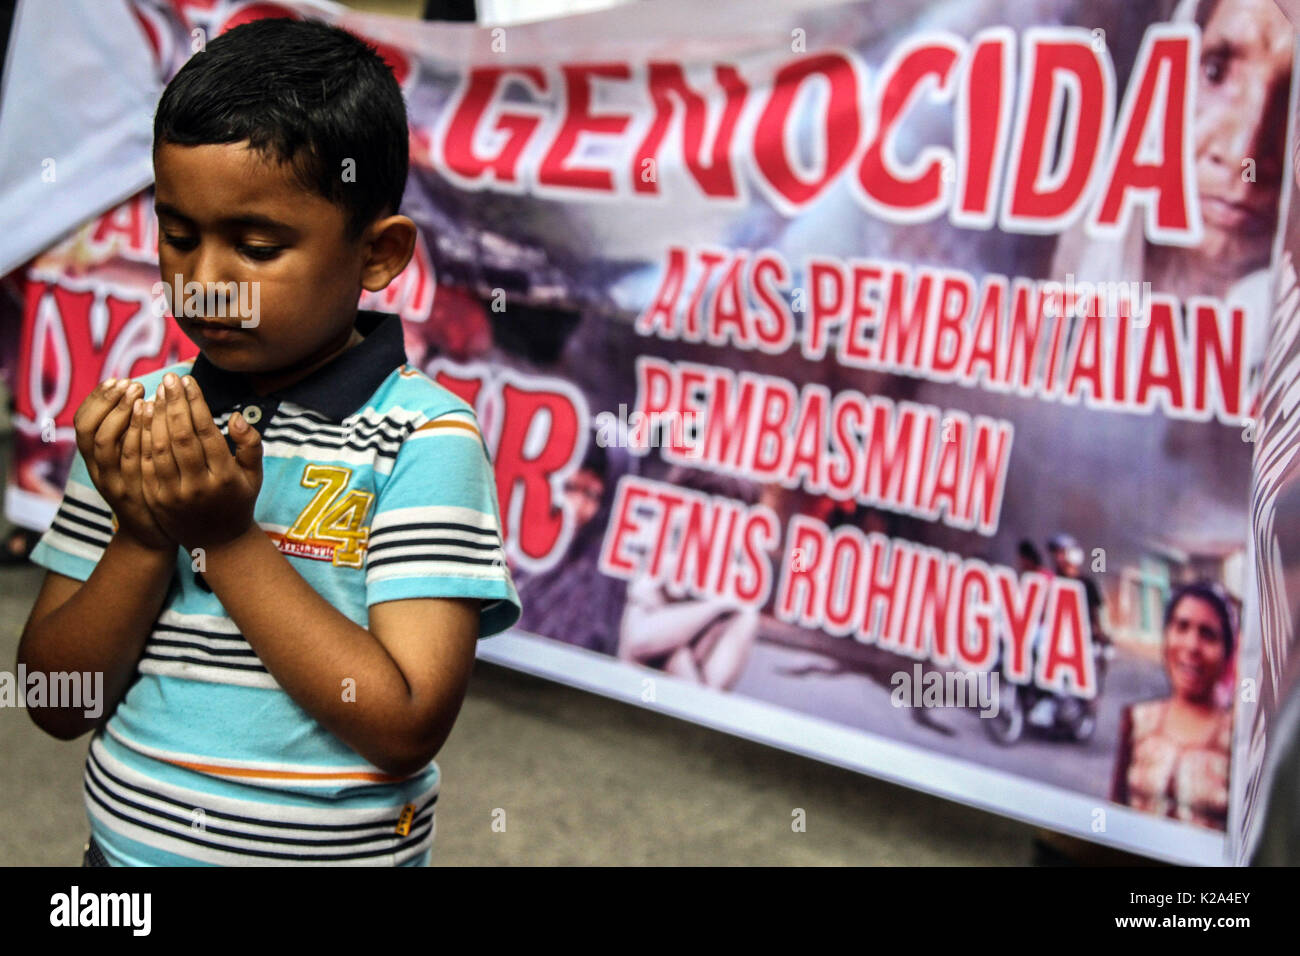 Medan, al norte de Sumatra, Indonesia. 30 Aug, 2017. Tullah Rohingya-Indonesia Hasmat, refugiados musulmanes jóvenes en una manifestación de solidaridad contra la persecución de sus ciudadanos, fuera del edificio del Consejo en Medan el Aug 30, 2017, Indonesia. Los manifestantes urgente de las Naciones Unidas (ONU) presionaron al Gobierno de Myanmar a resolver el problema de la matanza de la comunidad musulmana Rohingnya. Crédito: Ivan Damanik/Zuma alambre/Alamy Live News Foto de stock